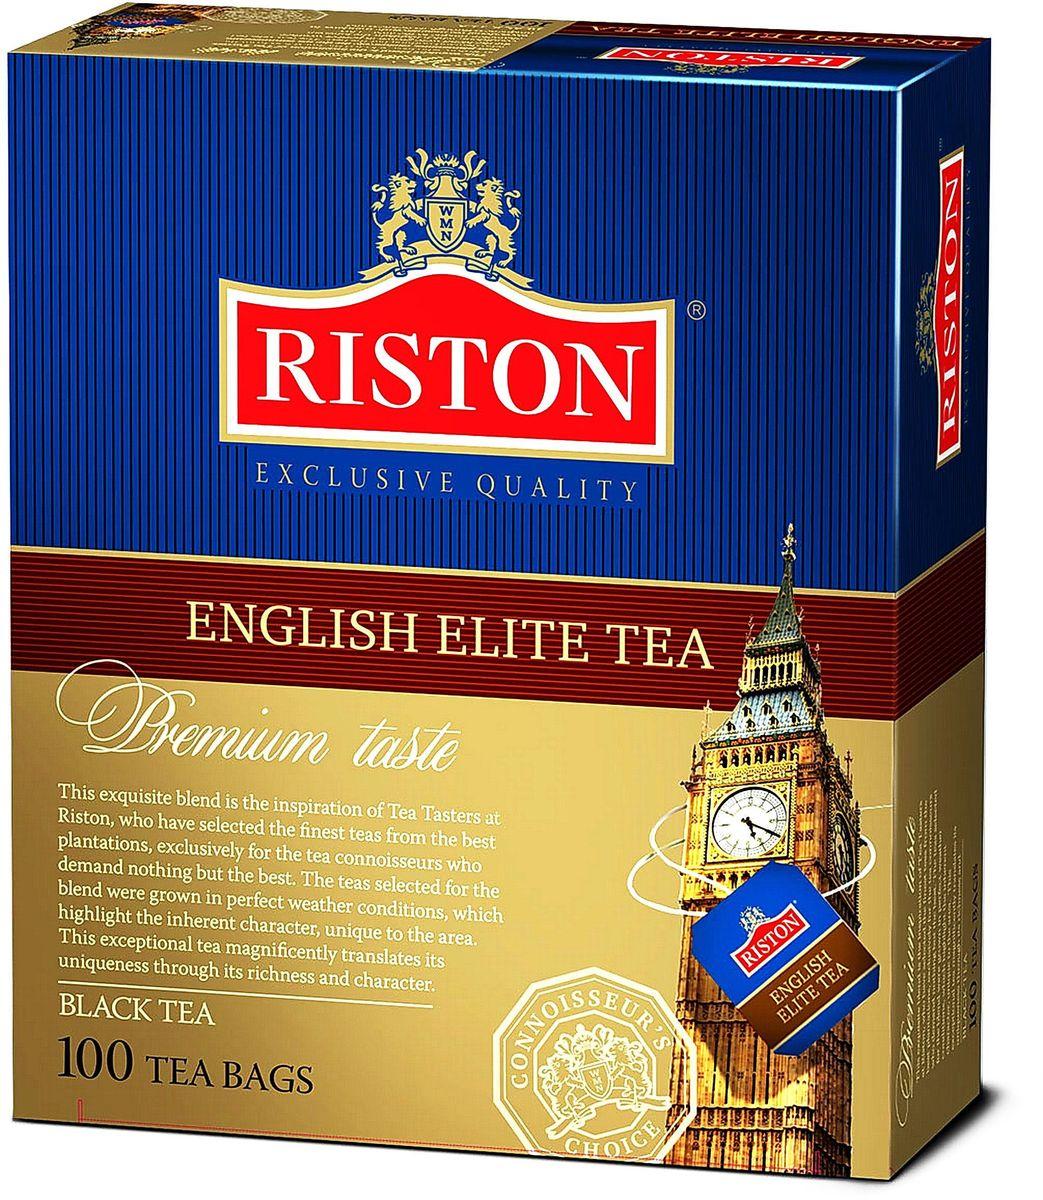 Riston Элитный Английский черный чай в пакетиках, 100 шт riston файнест цейлон черный чай в пакетиках 100 шт